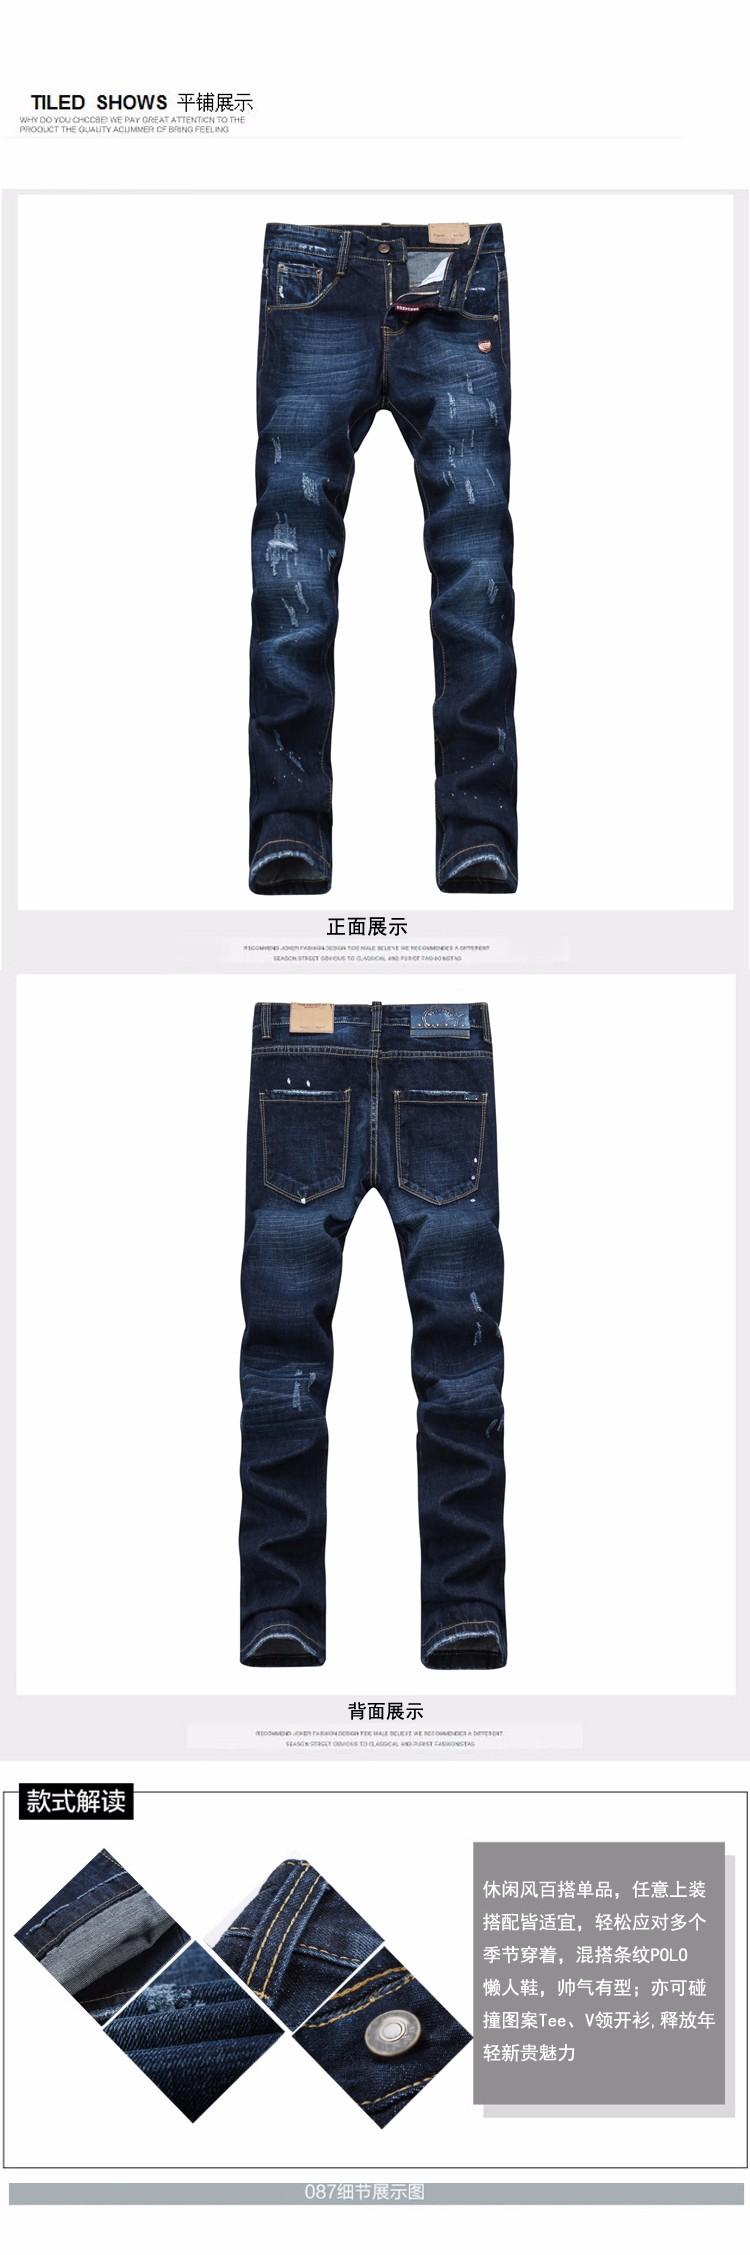 Скидки на 16 новый прямо отверстия мальчик джинсы дизайнер Бренда брюки страх божий человек джинсы мужские Случайные штаны мужчины Высокого качество